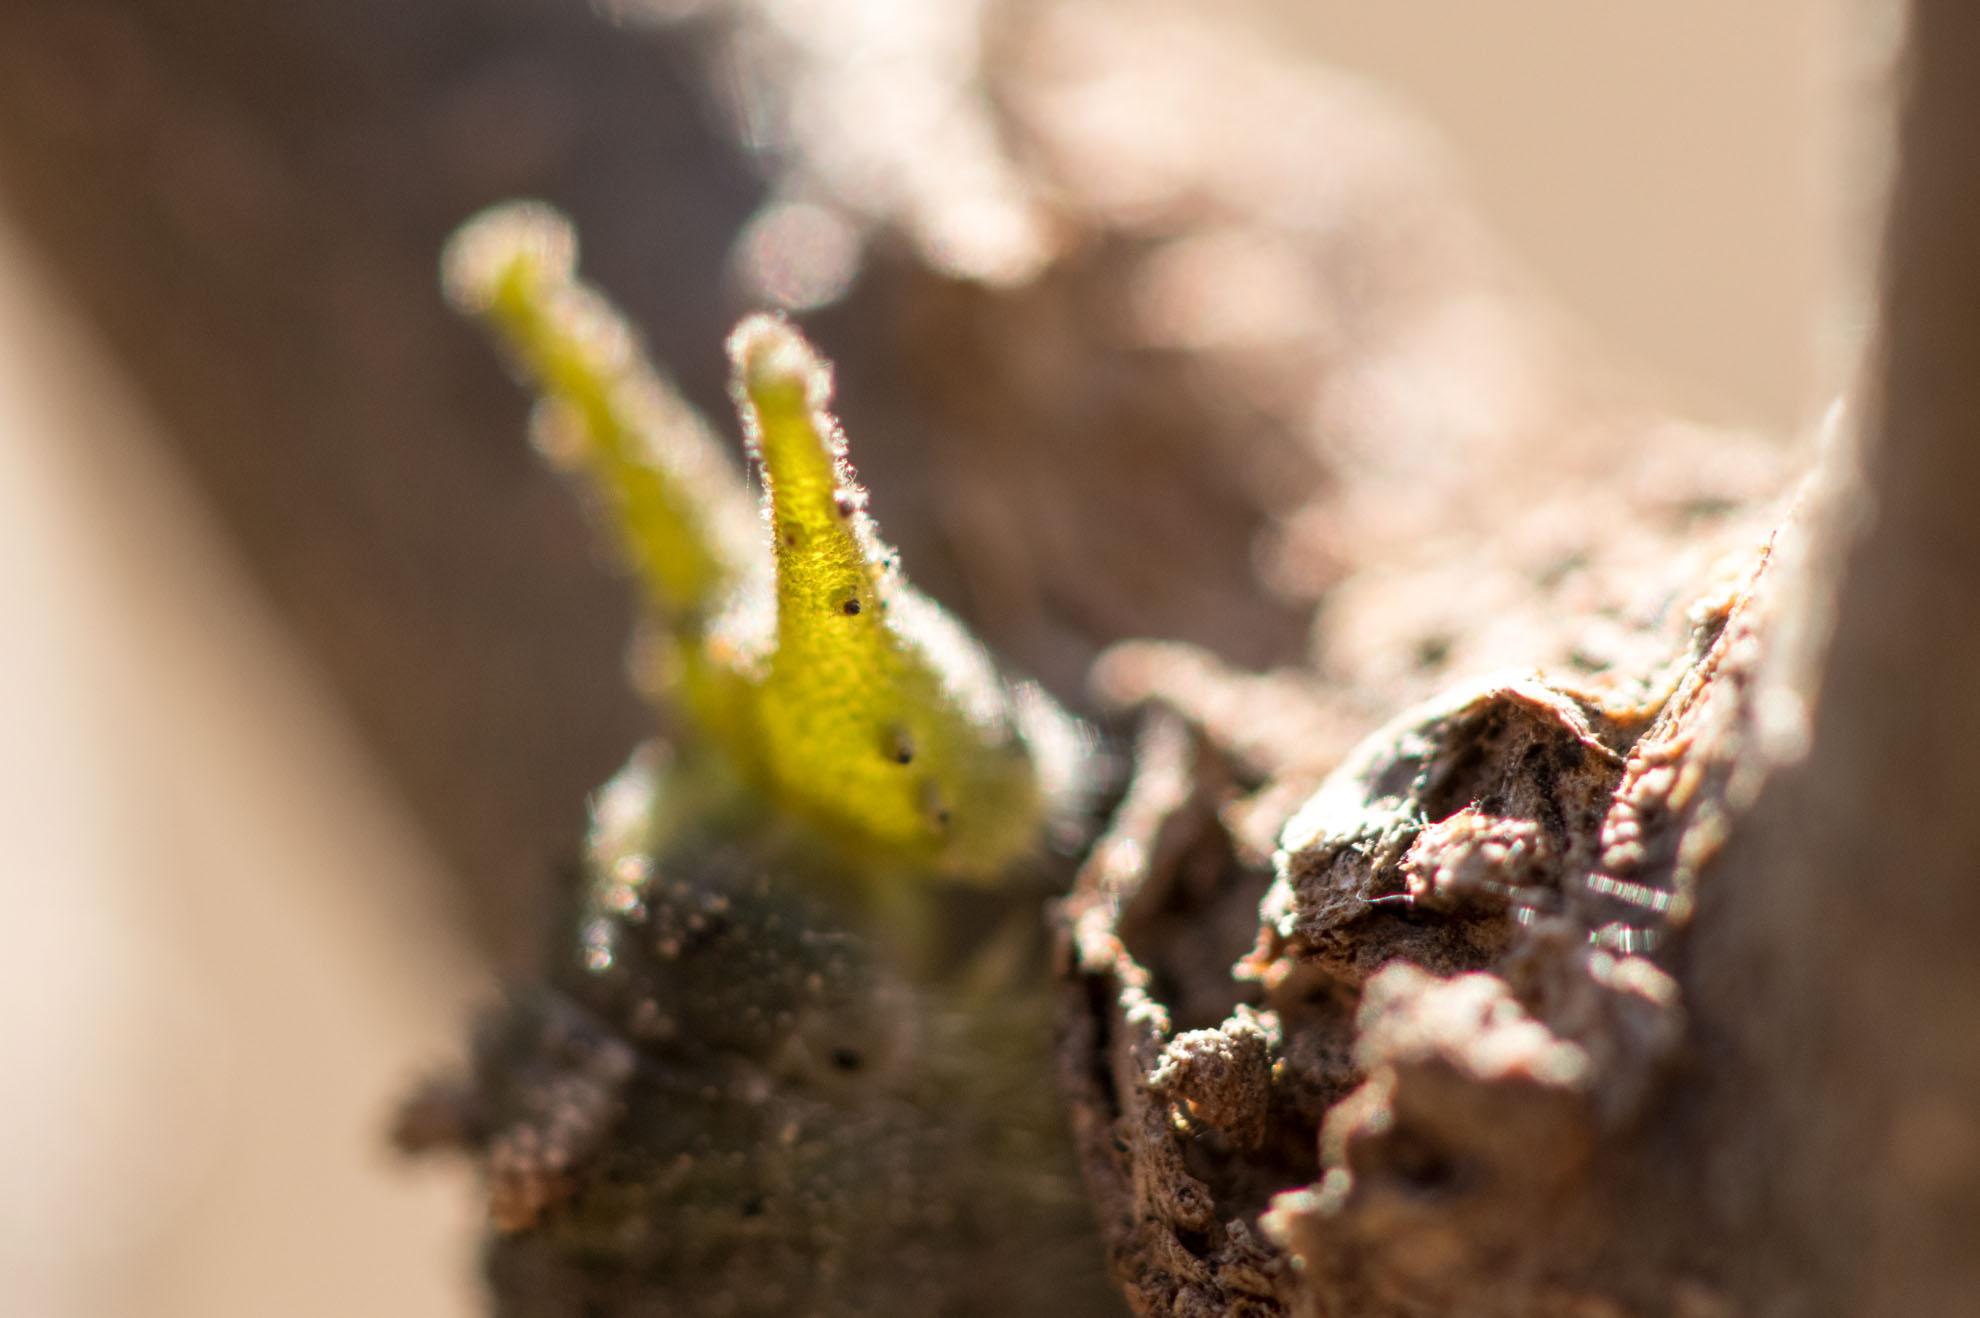 光を通すとキレイなアカボシゴマダラの幼虫